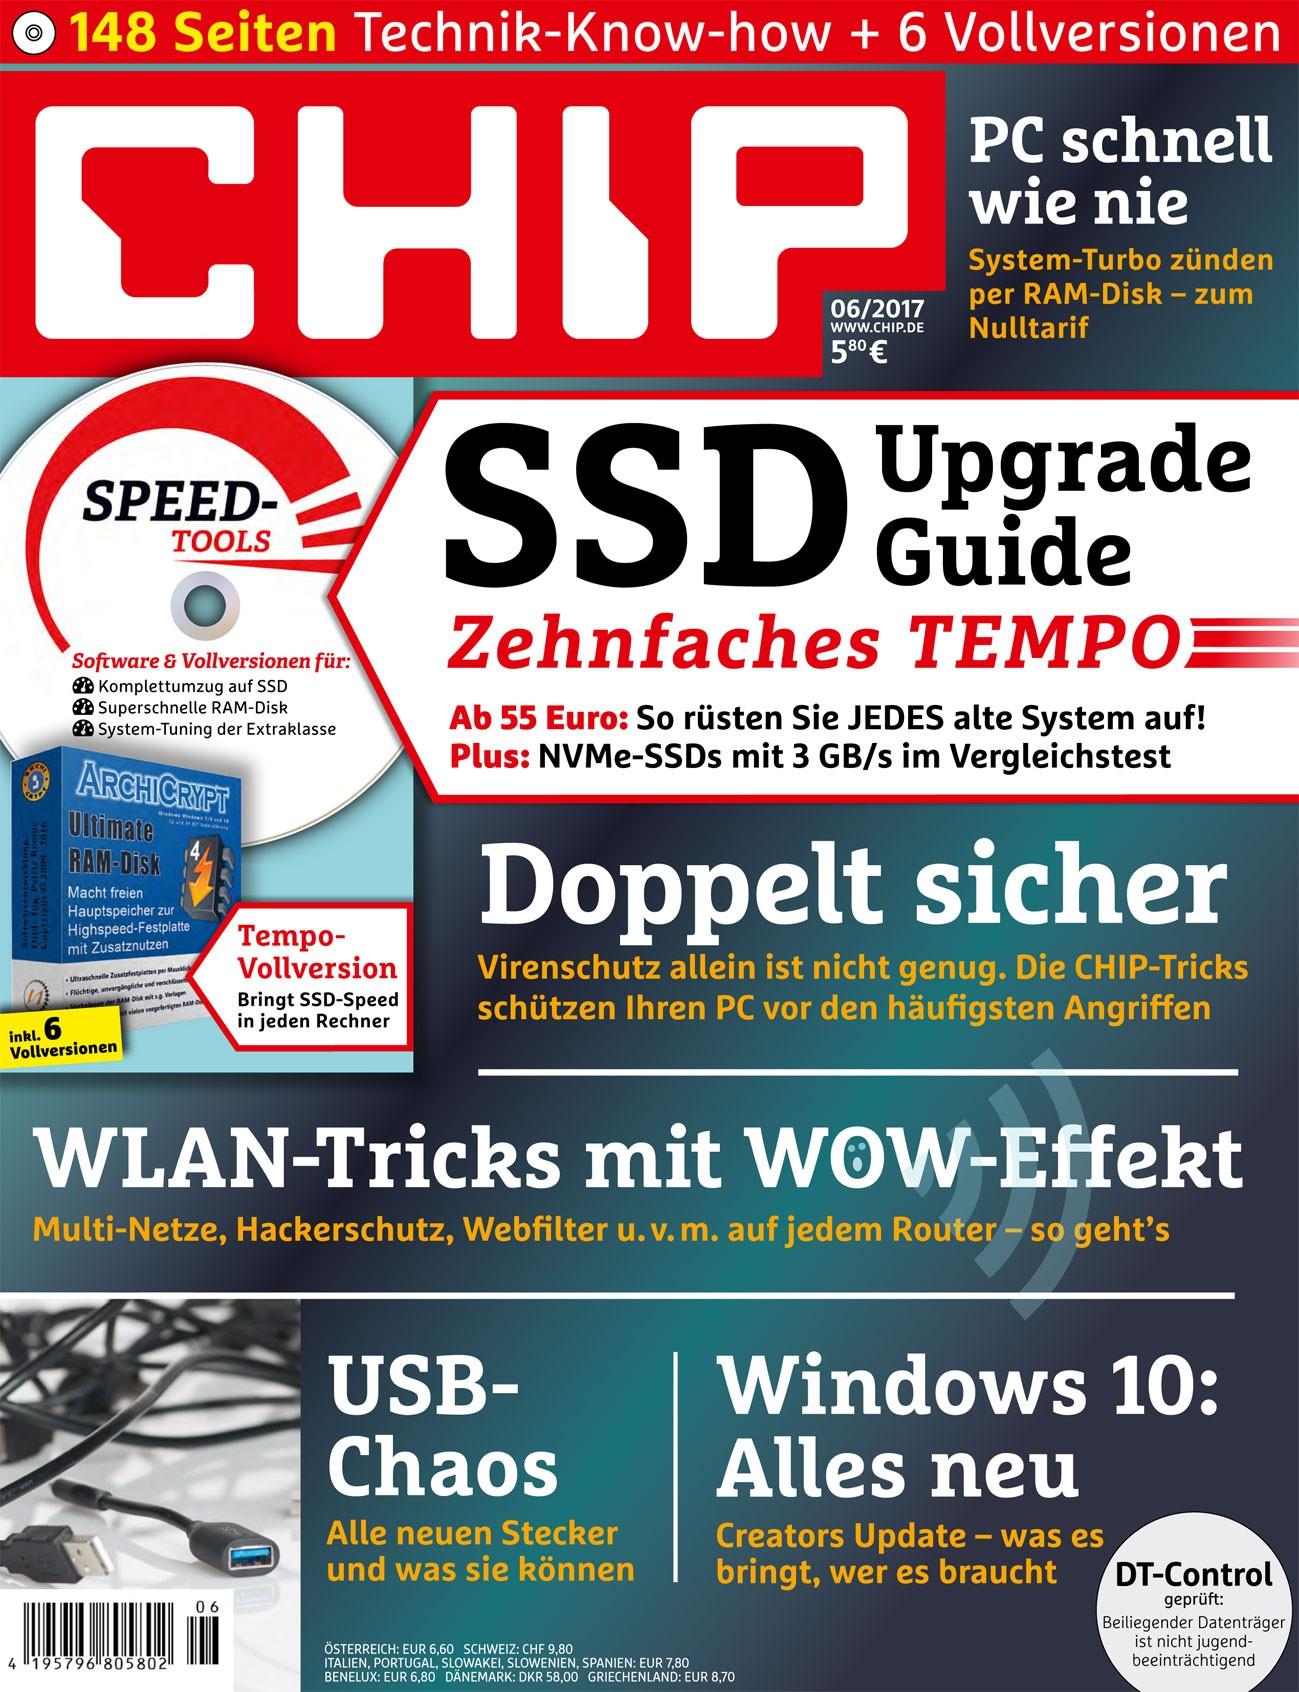 Dockin D Solid Bluetooth-Lautsprecher (PVG: 44€) oder DOCKIN D Move Bluetooth Headset (PVG: 39€) durch CHIP inkl. DVD Halbjahresabo + Kaspersky Sicherheitspaket (lizenz für 3 Rechner) für 34,90 €